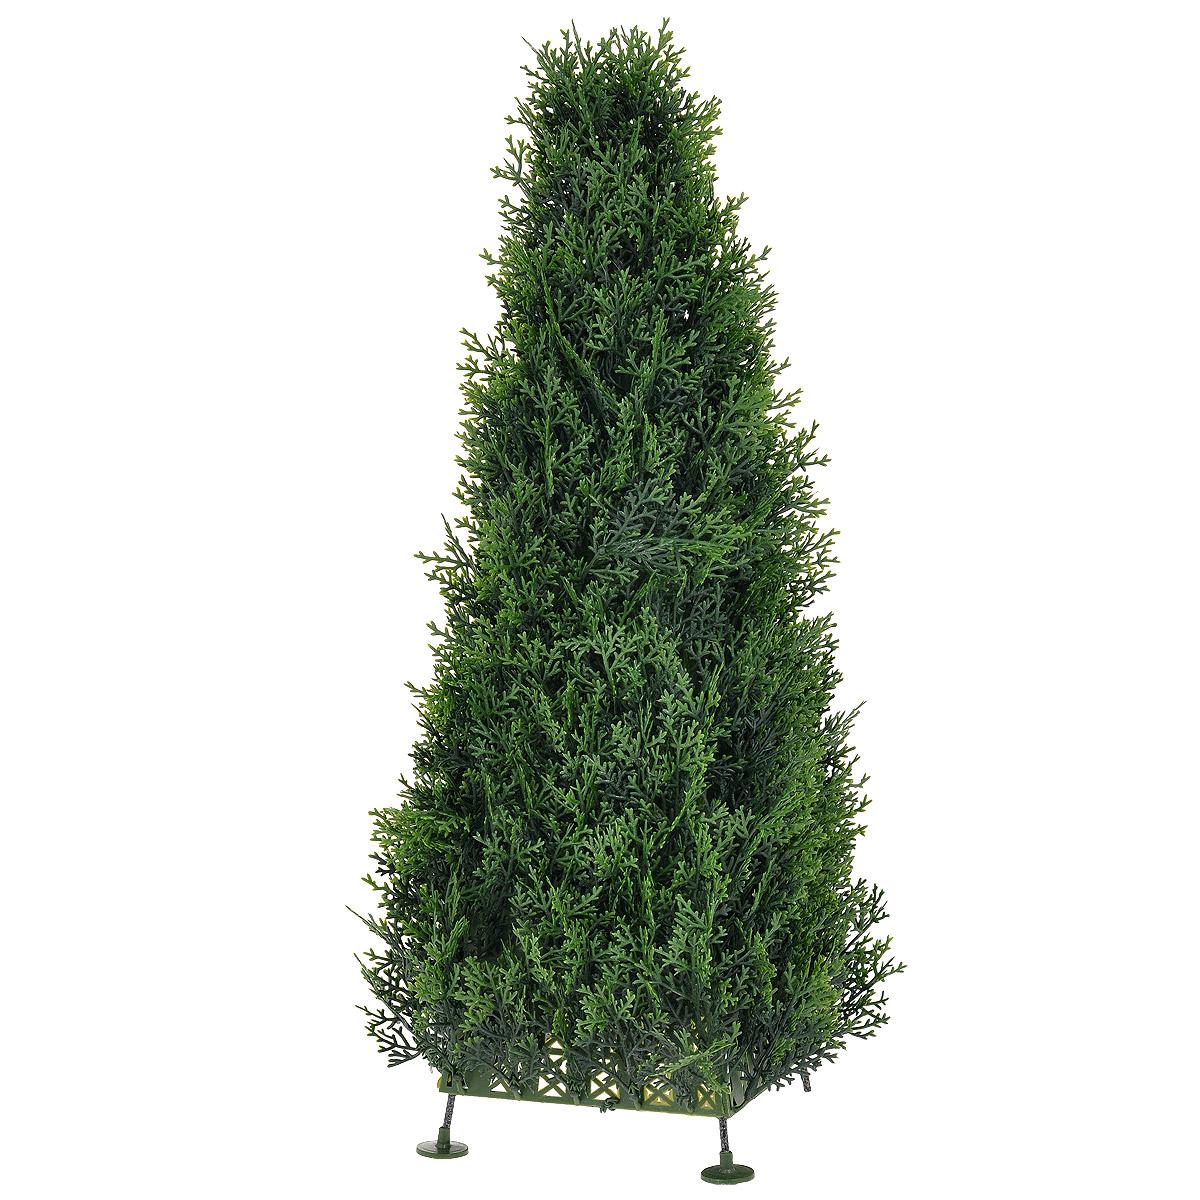 Растение искусственное Gardman Topiary Obelisk. Кипарис, высота 60 см - Gardman02851Искусственное растение Gardman Topiary Obelisk. Кипарис, выполненное из пластика в виде высокого лиственного куста, великолепно украсит интерьер офиса, дома или дачи. Такое растение устойчиво к воздействию солнечных лучей и погодных условий. Идеально для декора помещений на свежем воздухе (веранды, балконы и т.д.). Не намокает и не выцветает. Оно оригинально украсит ваш дом или сад и станет замечательным дизайнерским решением.